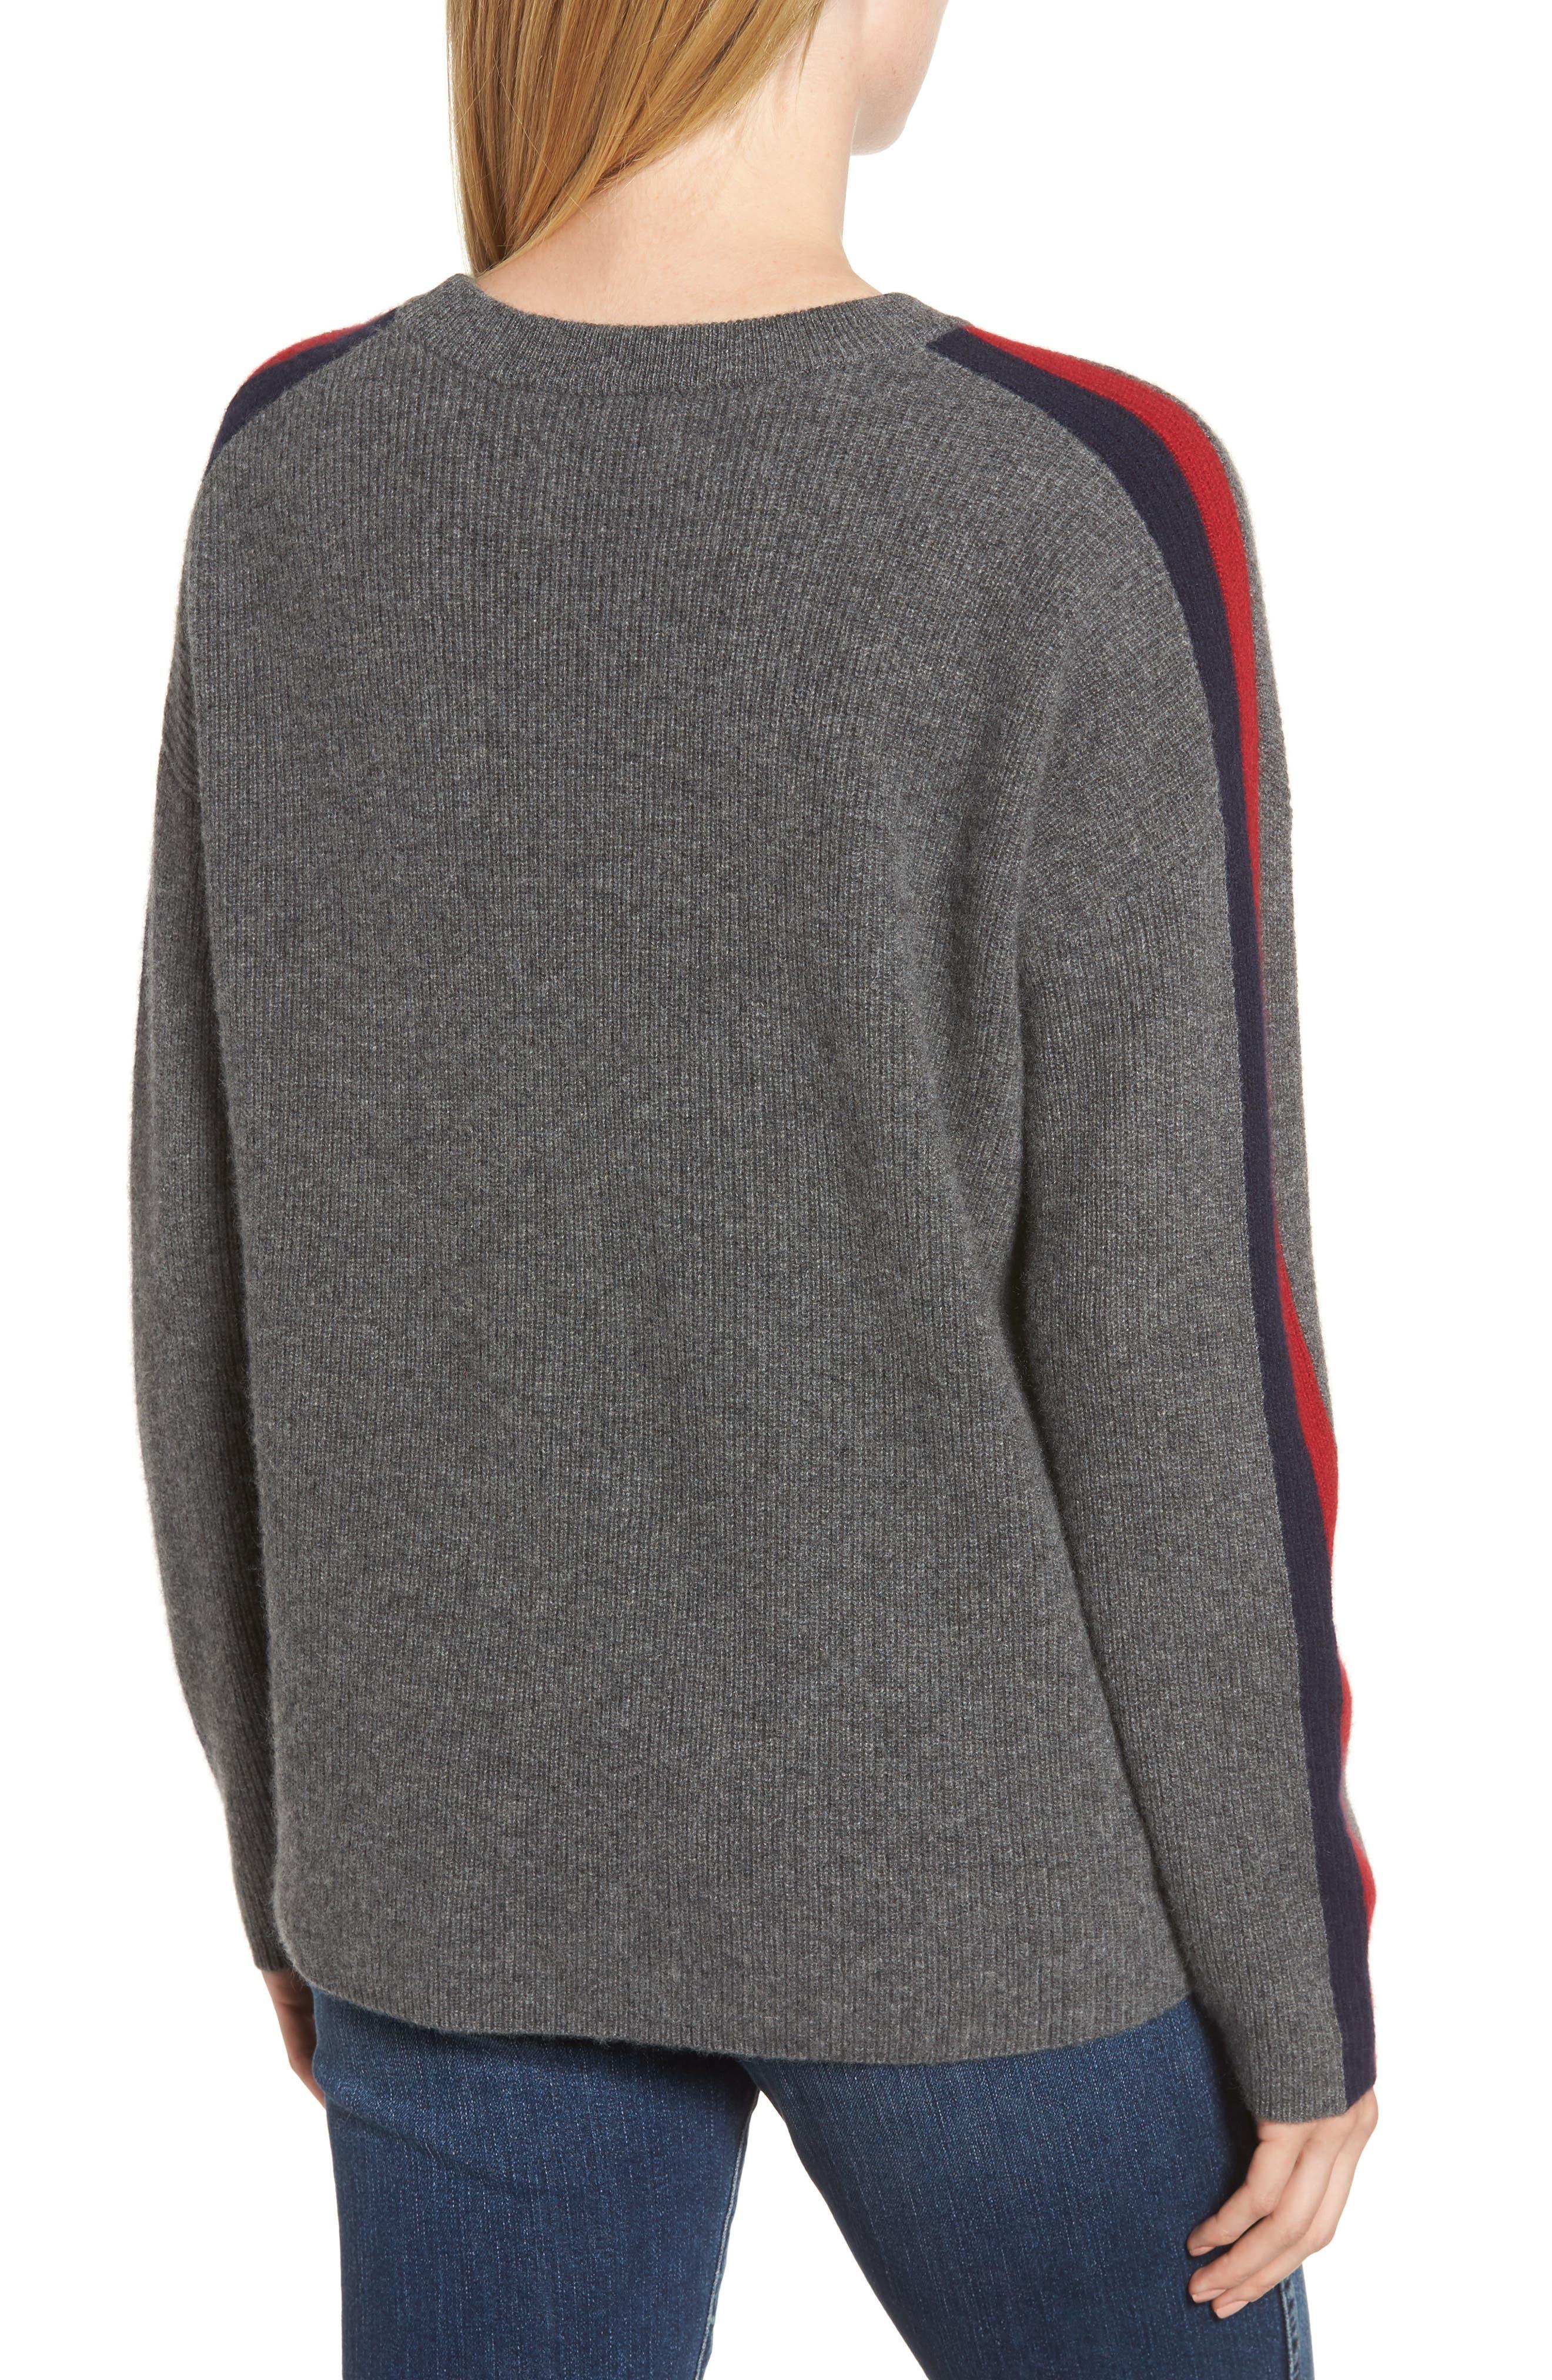 VELVET BY GRAHAM & SPENCER, Stripe Sleeve Cashmere Sweater, Alternate thumbnail 2, color, DARK GREY